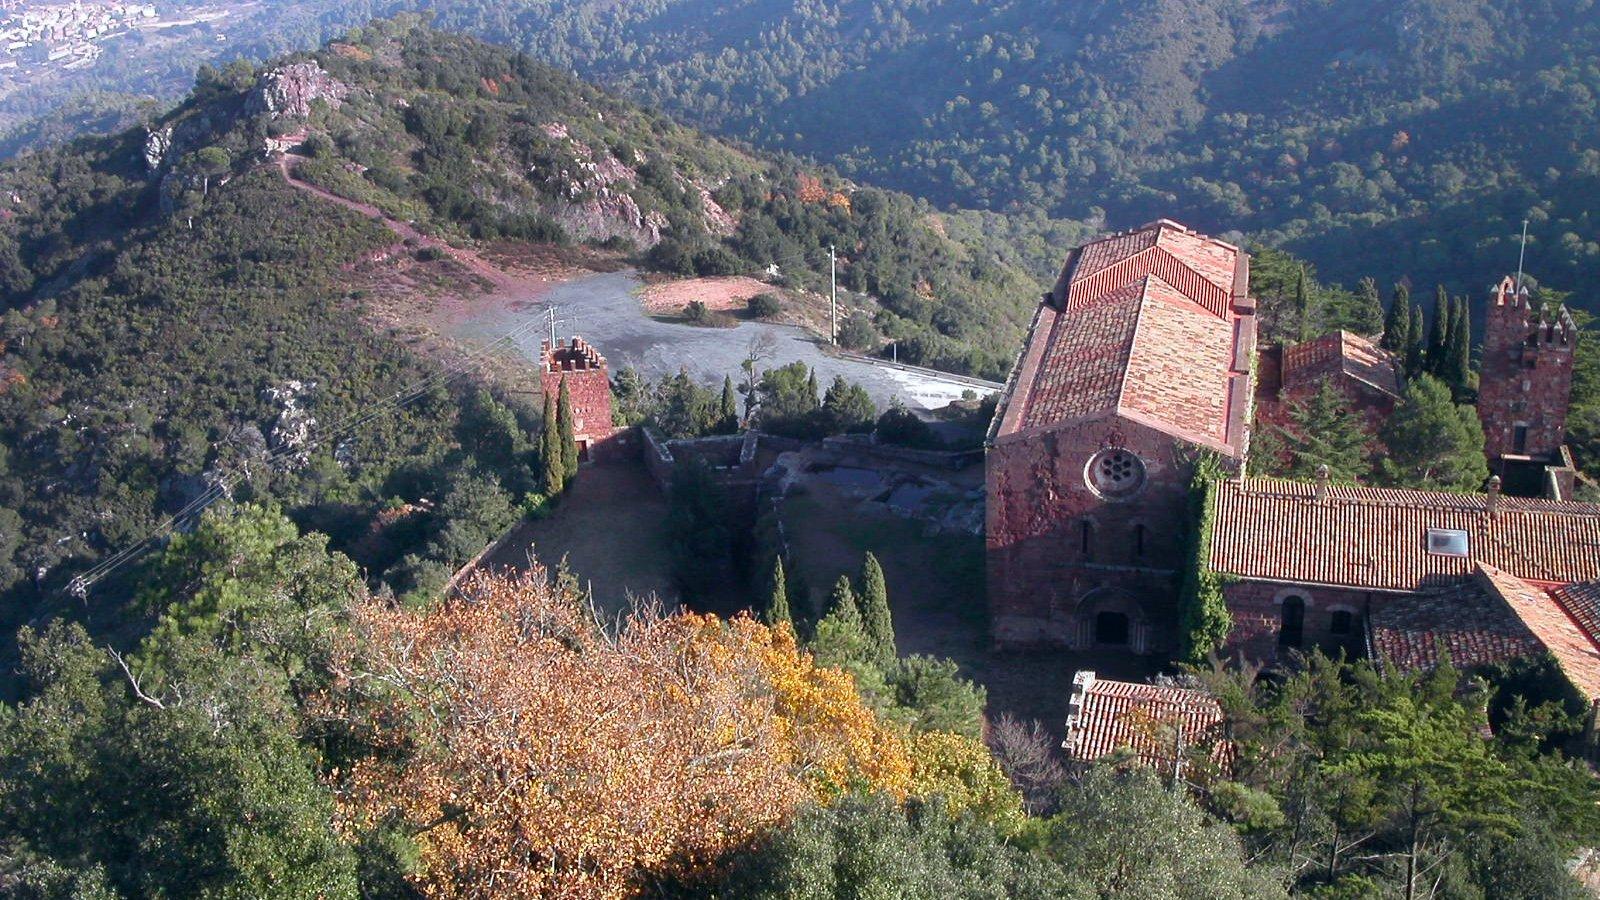 Castle Monastery of Escornalbou, Eduard Toda